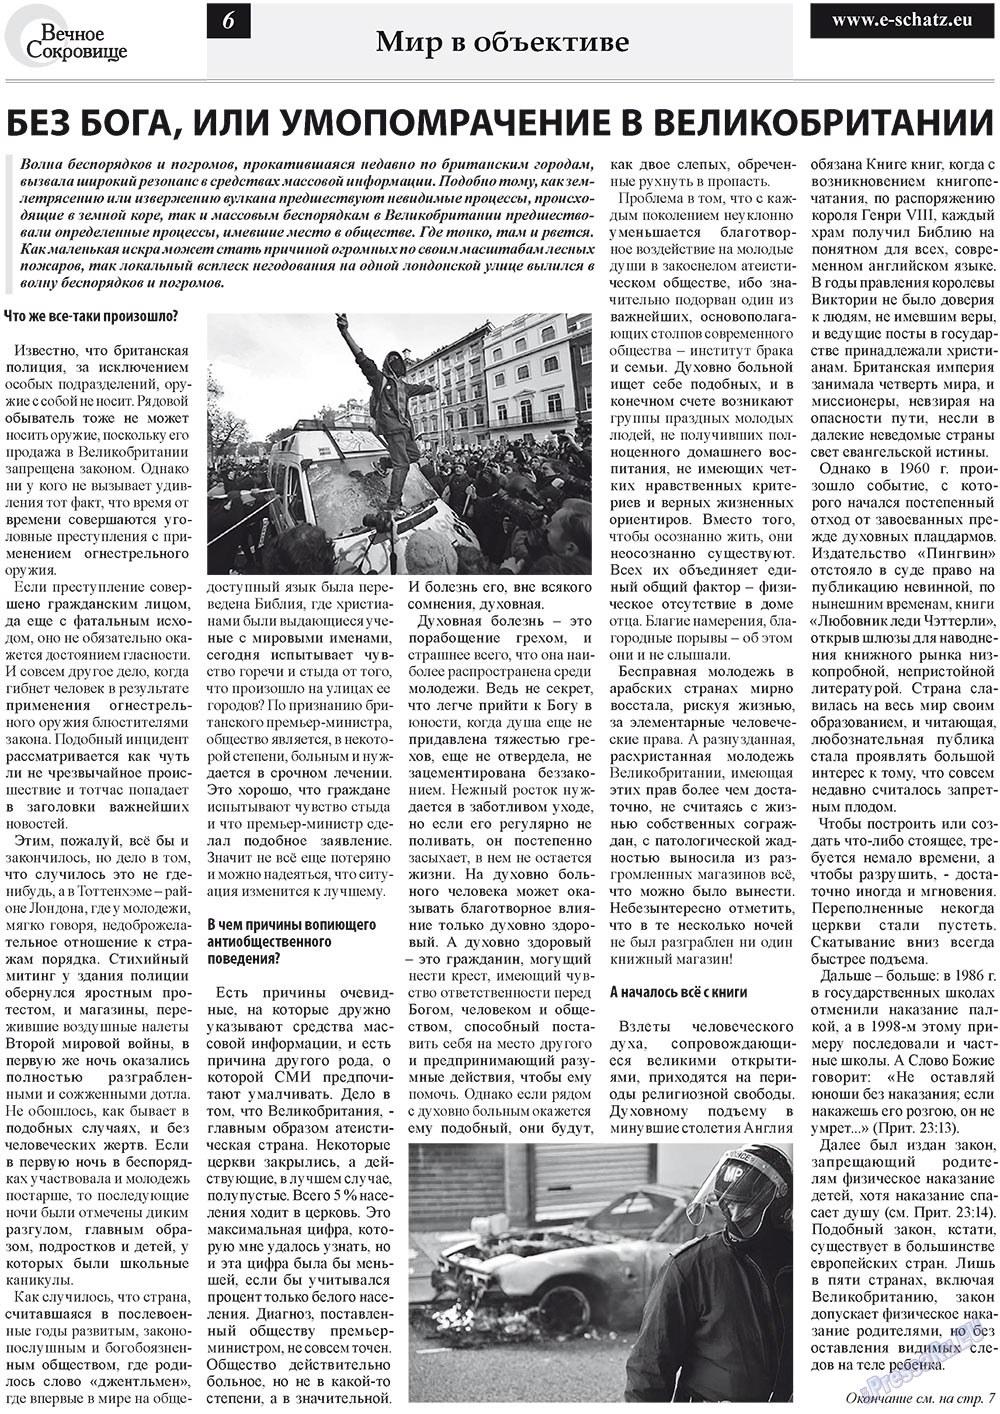 Вечное сокровище (газета). 2011 год, номер 5, стр. 6